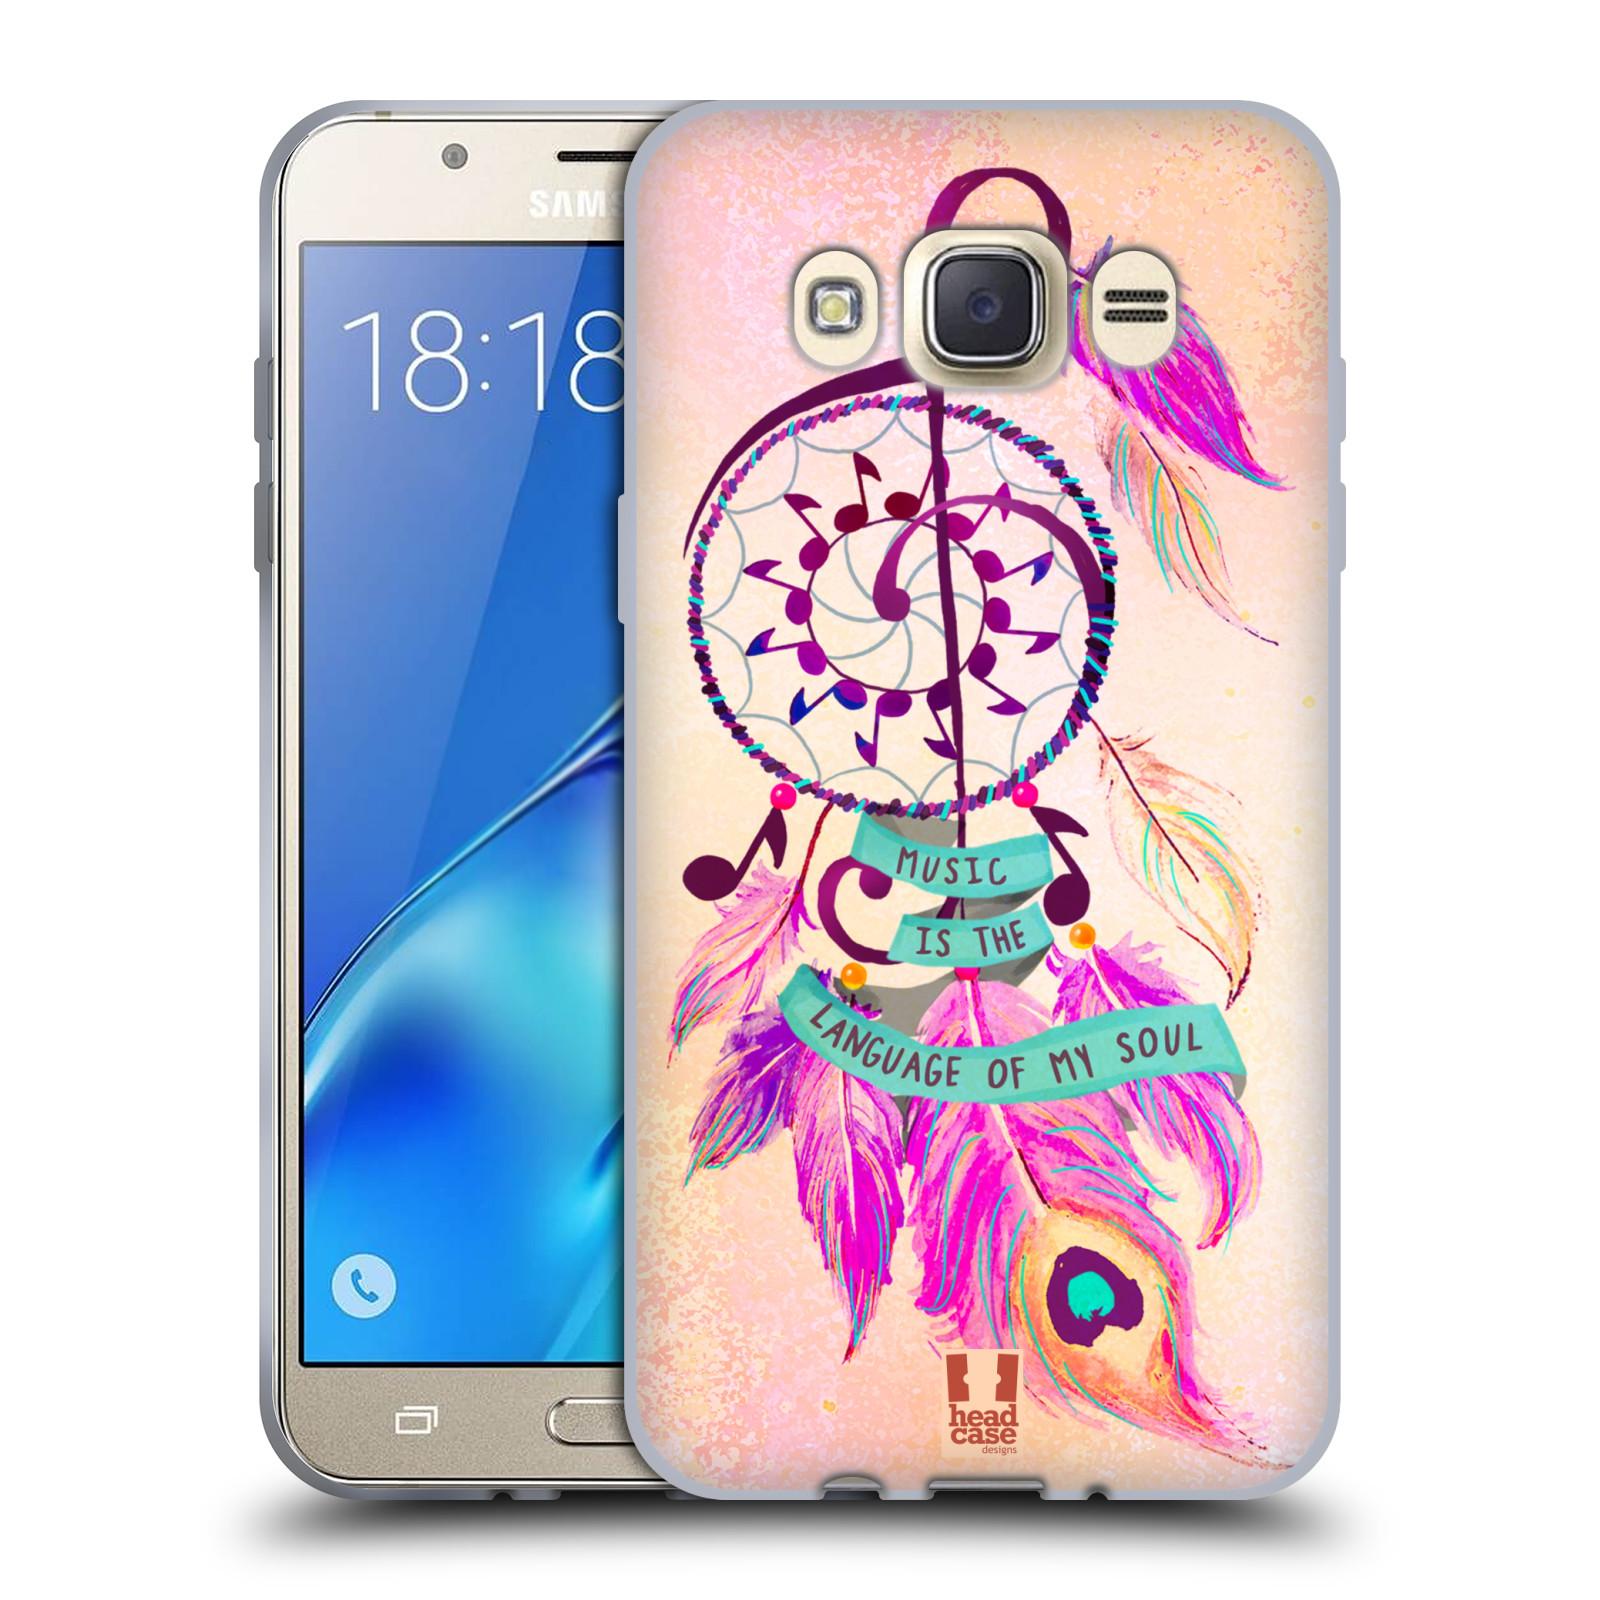 Silikonové pouzdro na mobil Samsung Galaxy J7 (2016) HEAD CASE Lapač Assorted Music